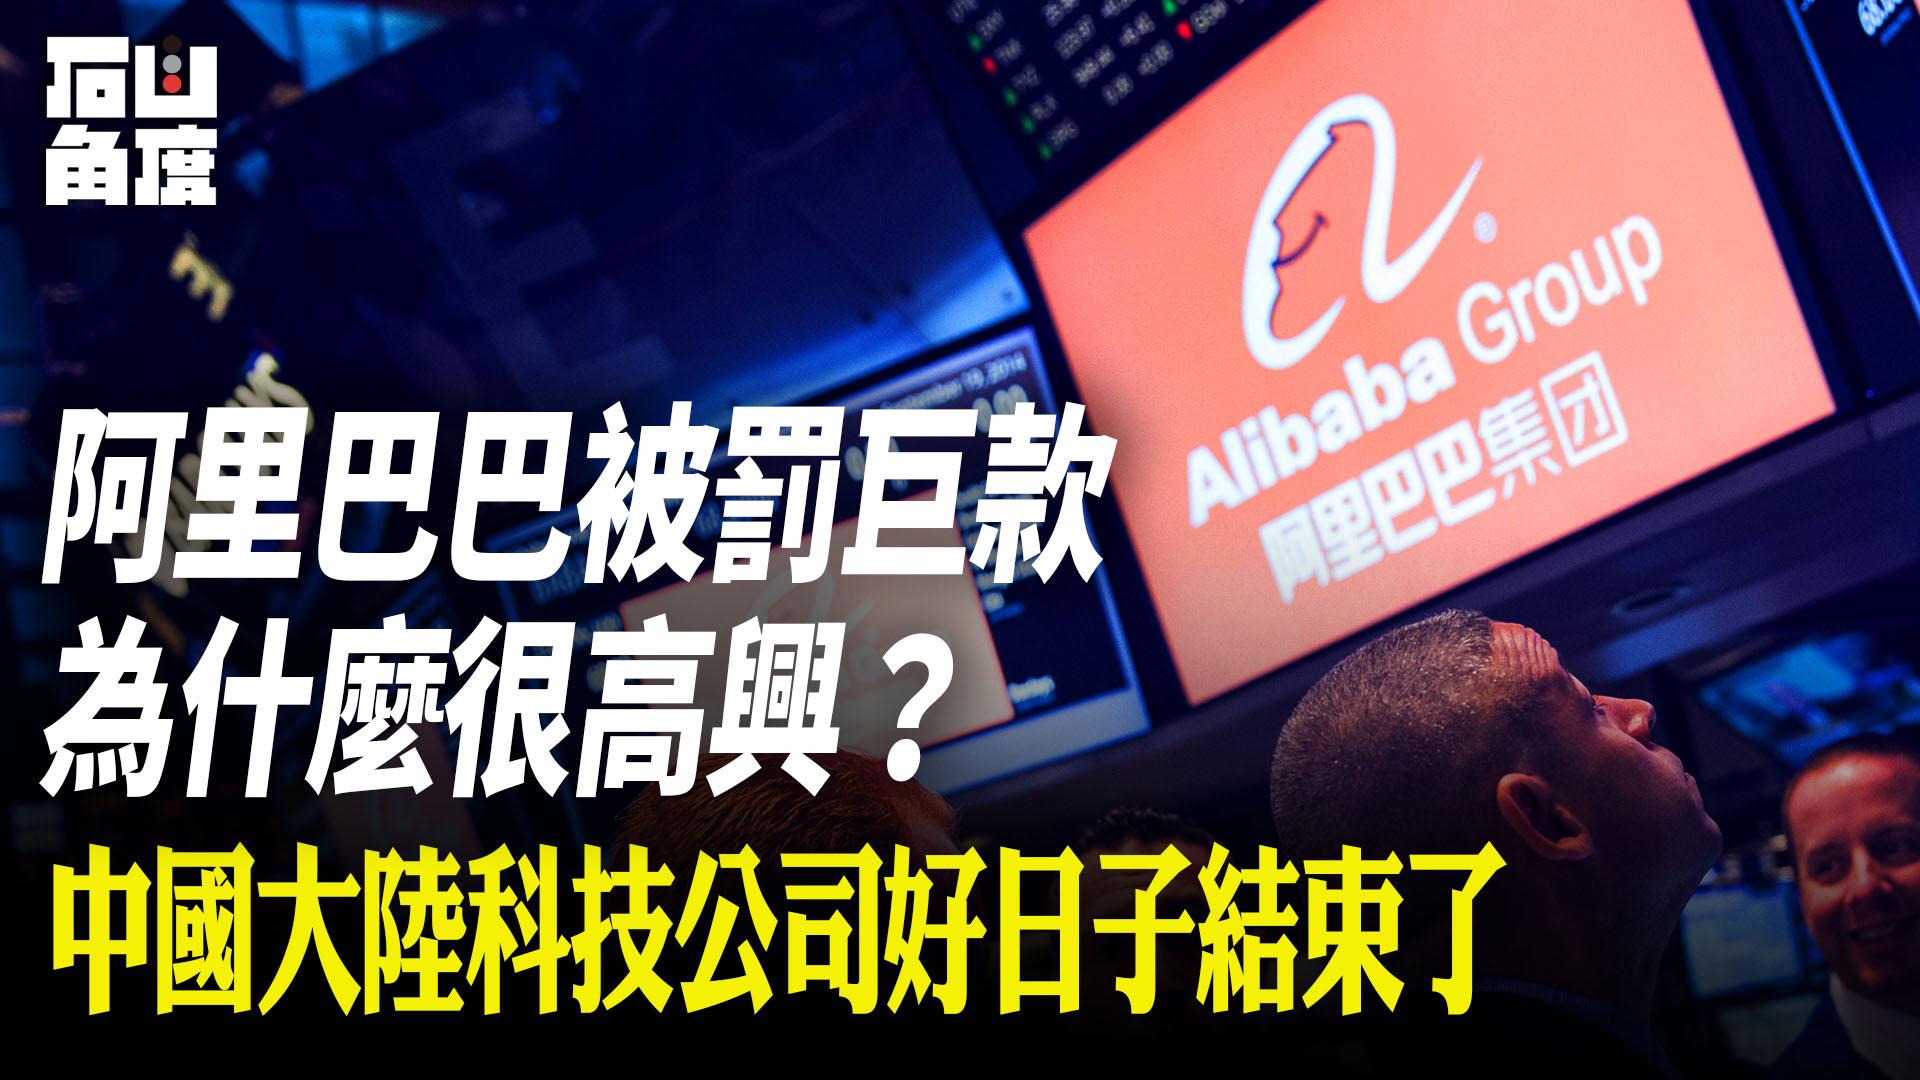 【有冇搞錯】阿里巴巴被罰182億,卻高興地感激感恩,原因是什麼?中國大陸幾家超級科技大企業崛起靠什麼?創新科技企業將遭遇困境。(大紀元香港新聞中心)